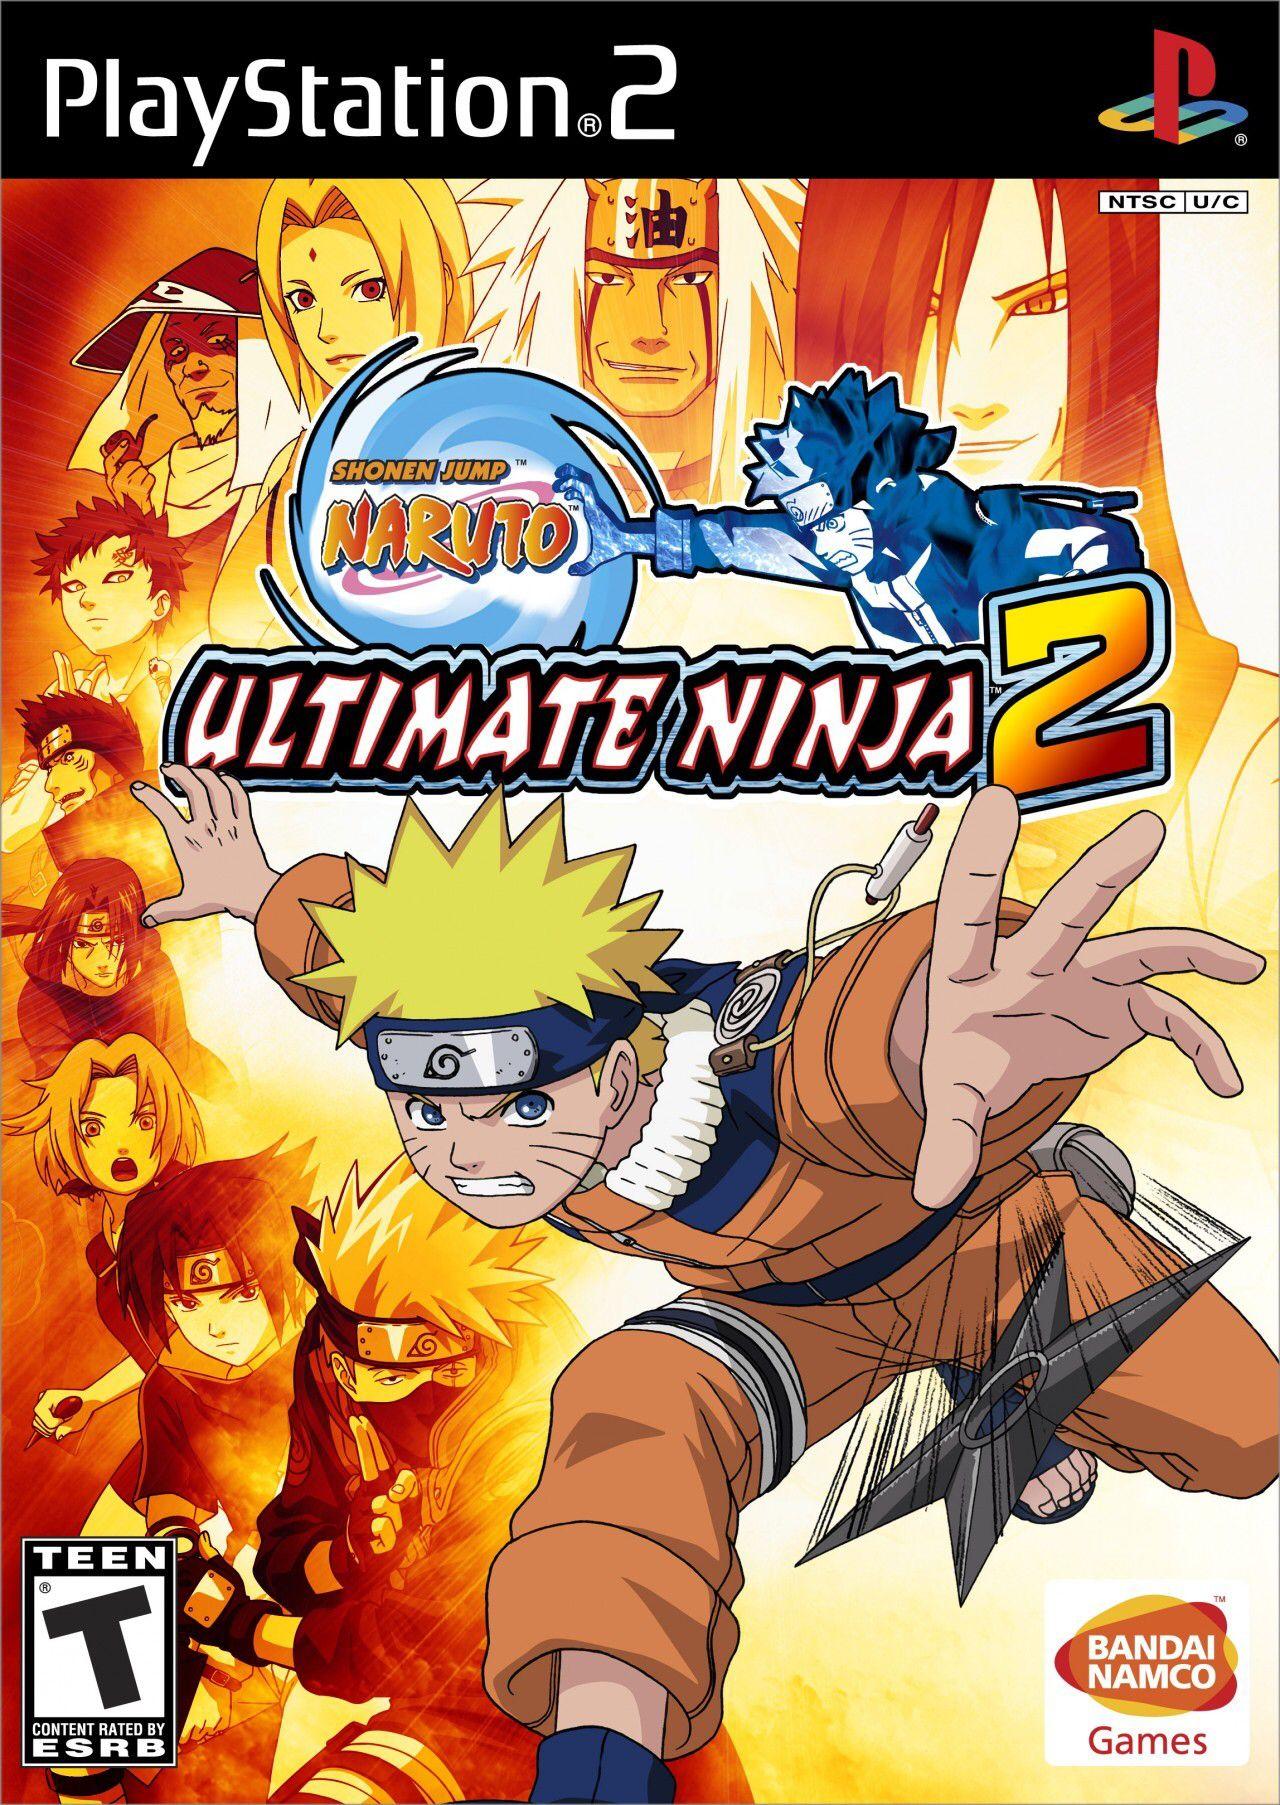 Naruto Ultimate Ninja 2 Jogos Xbox Jogos De Xbox 360 Jogos Do Naruto